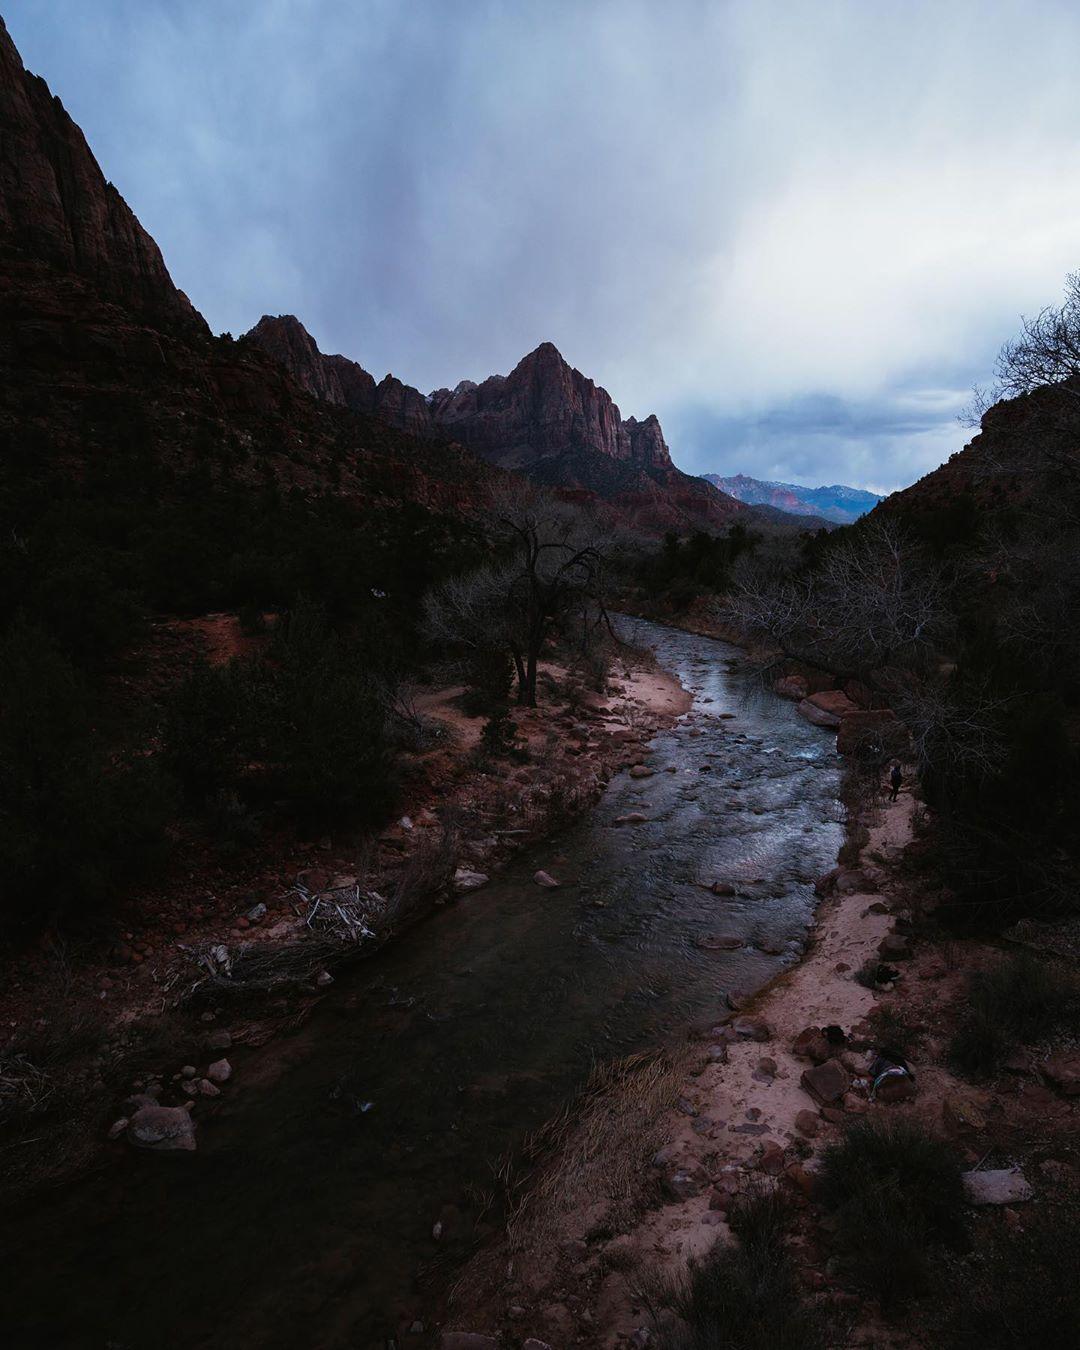 Скалистый мир на снимках Грея Маркса горы,планета,тревел-фото